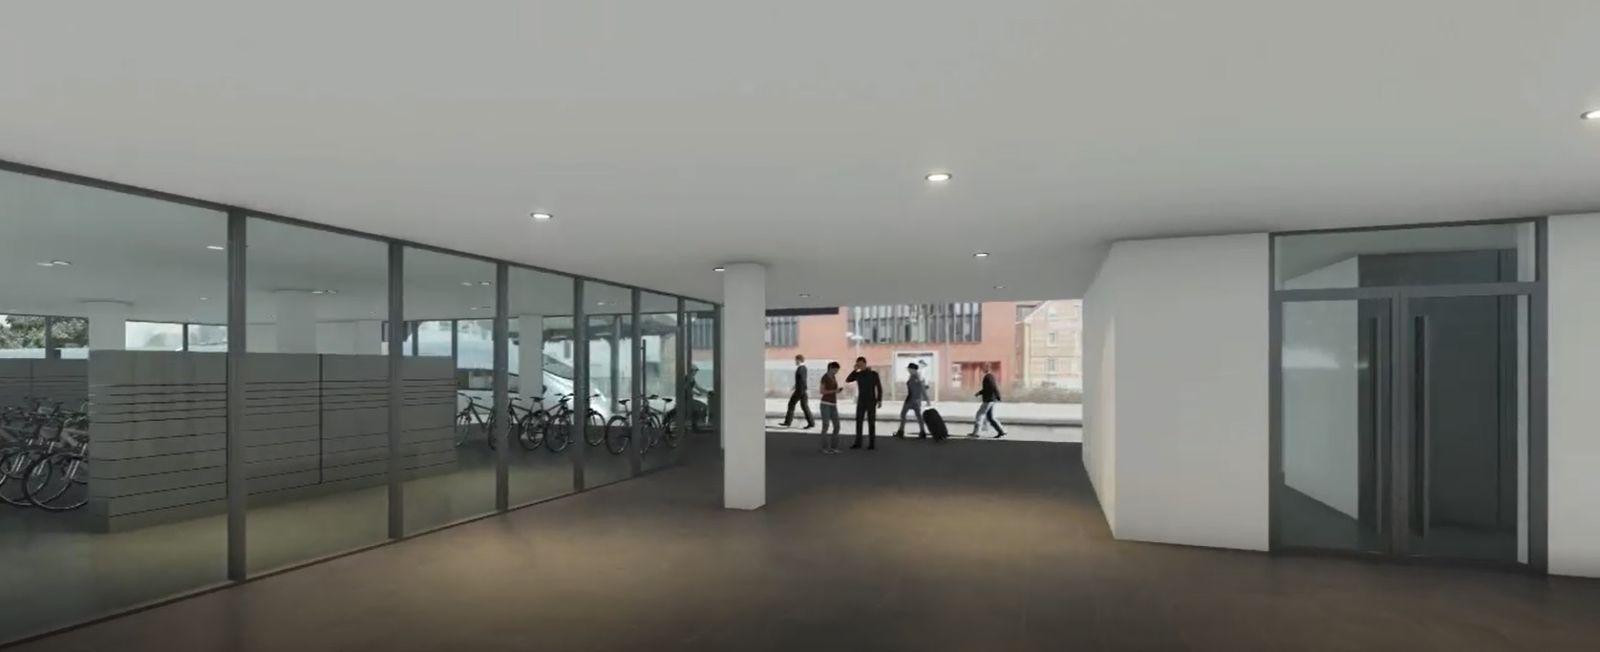 Animation des geplanten Mobilitätspunktes